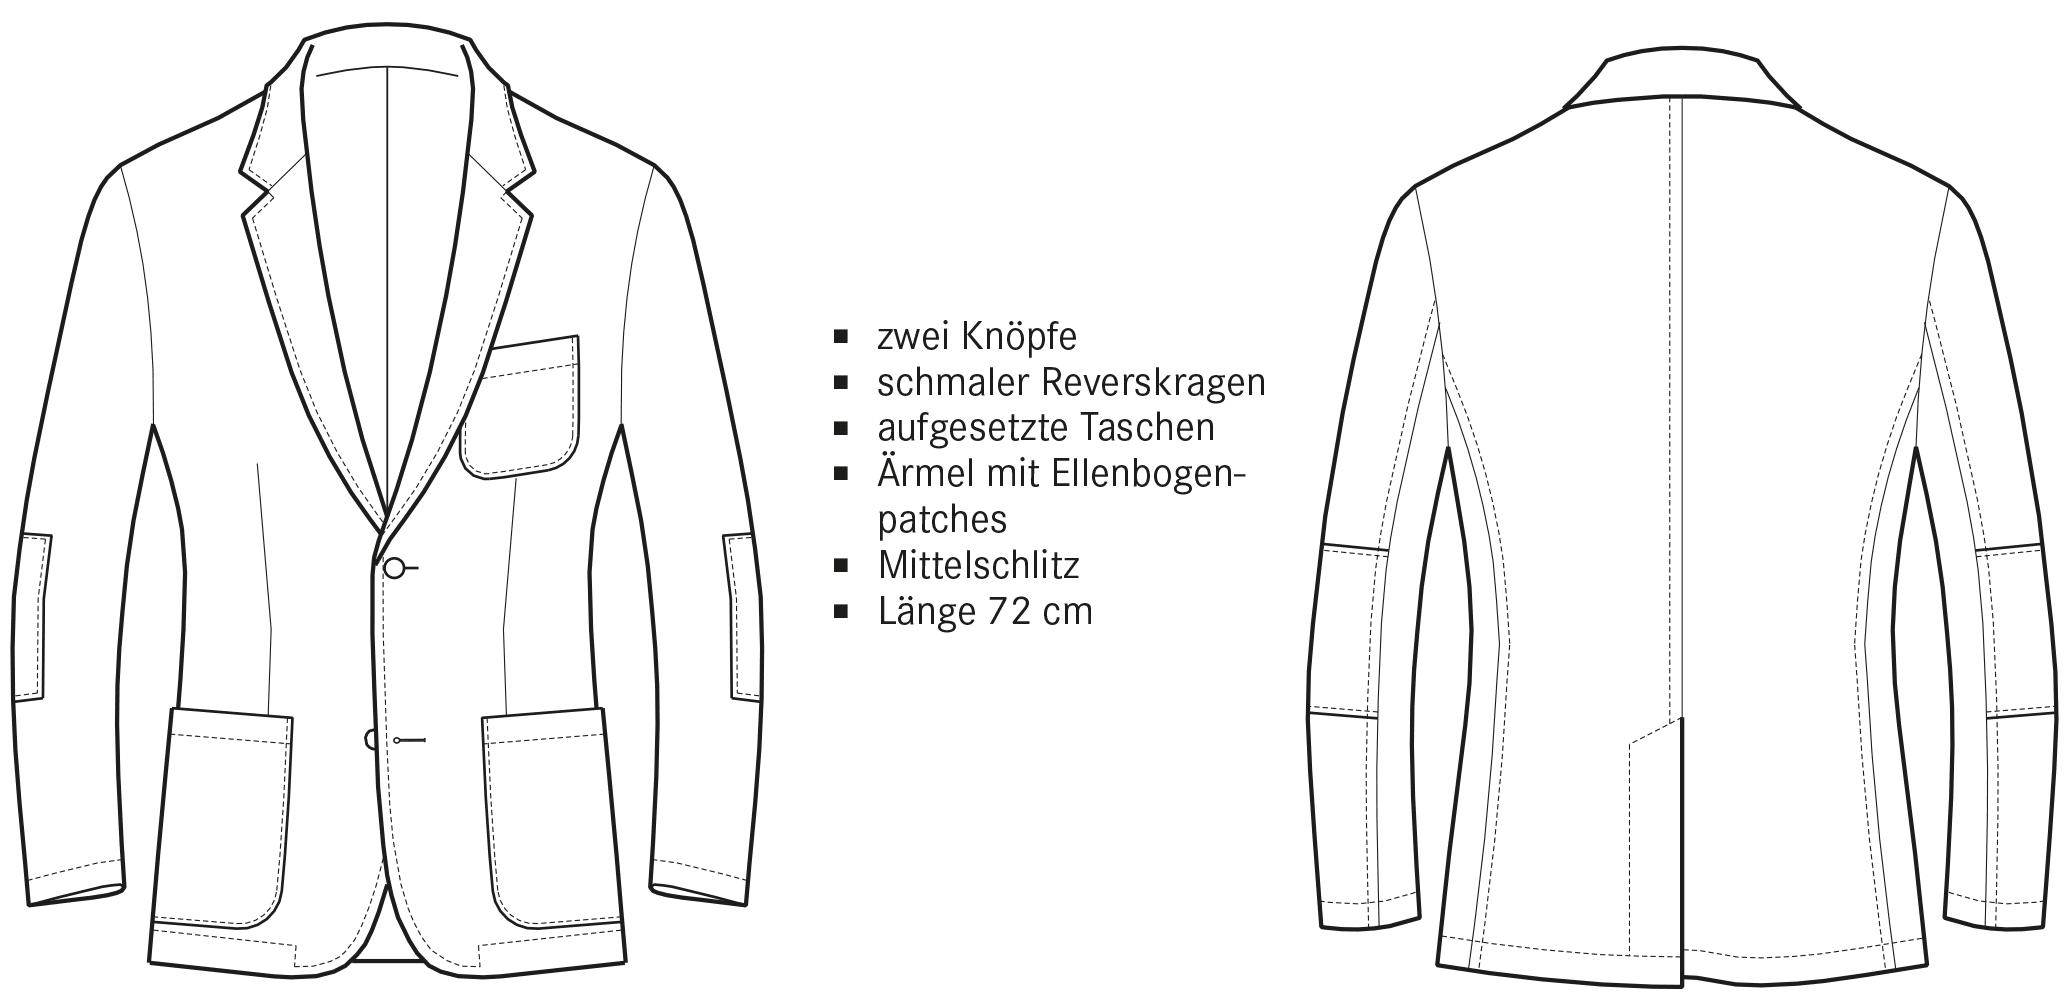 Technische Zeichnung einer Casual Jacket Vorder- und Rückansicht.